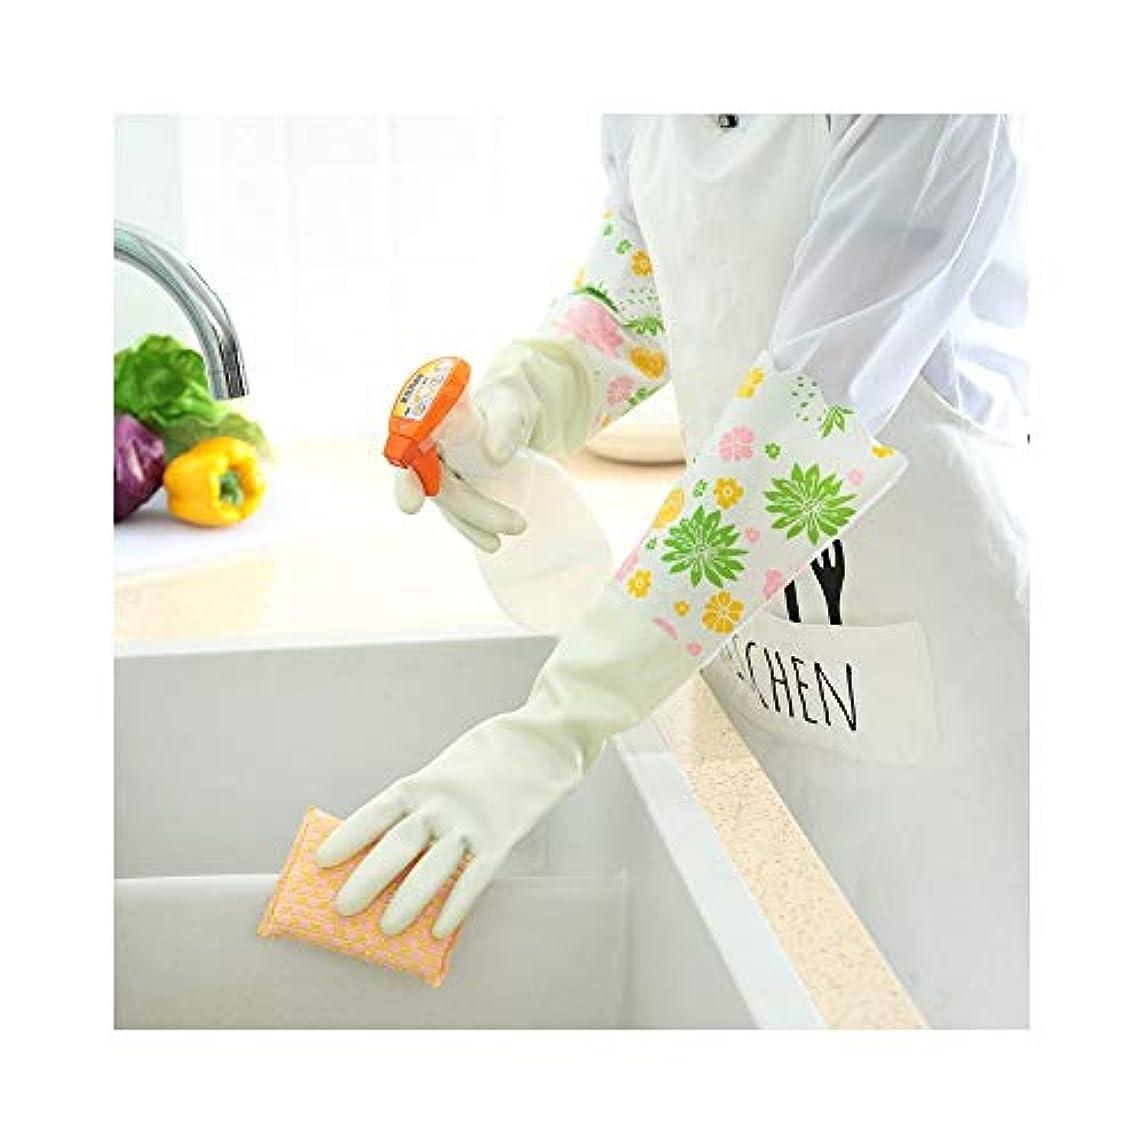 削減睡眠眠り使い捨て手袋 キッチン用手袋防水性と耐久性のあるゴム製家事用手袋、1ペア ニトリルゴム手袋 (Color : GREEN, Size : L)